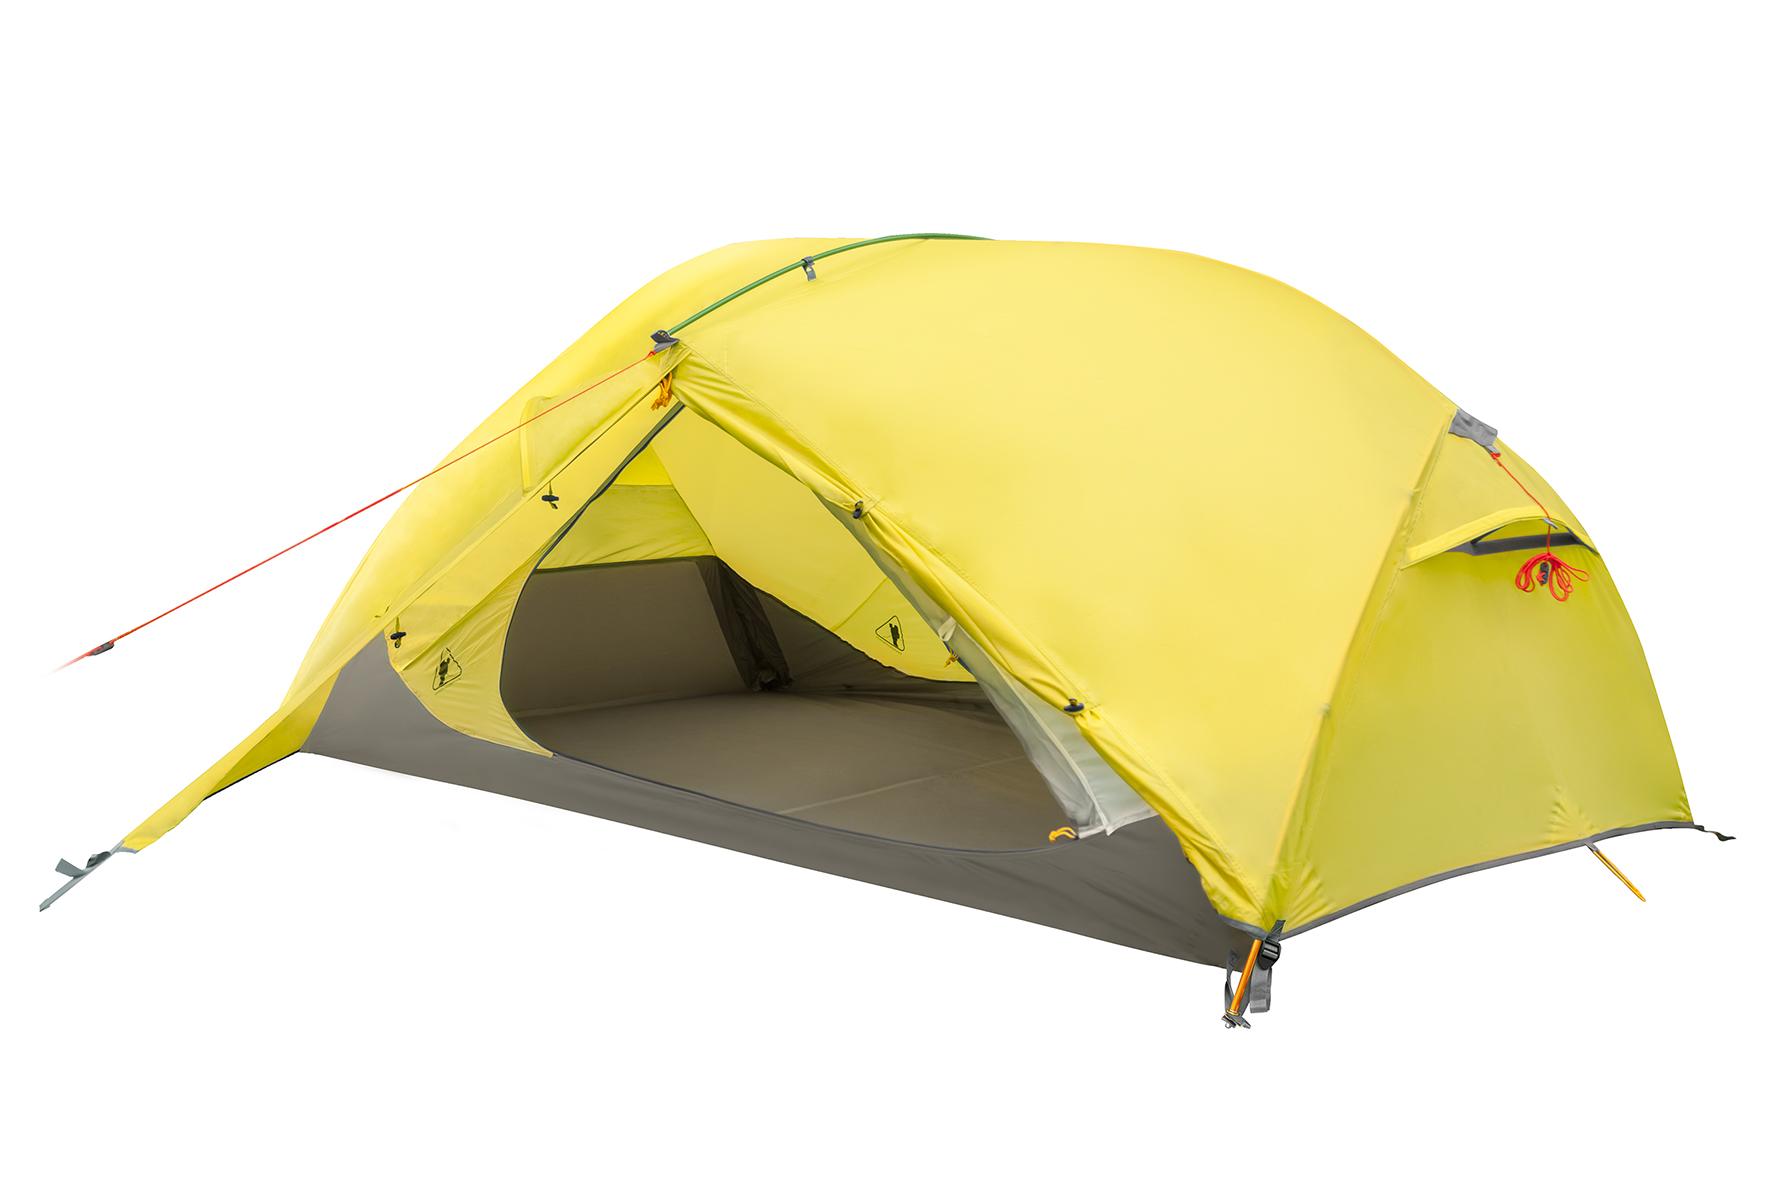 Палатка BASK PINNATE 2 1460Трёхсезонная палатка. Предназначена для прохождения маршрутов&amp;nbsp; в зонах умеренного климата.<br><br>Вентиляционные окна: 4<br>Вес (в минимальной комплектации): 2.75<br>Вес (в полной комплектации): 2.95<br>Ветрозащитные юбки: Нет<br>Внутренние карманы и петельки для мелочей: Да<br>Водостойкость дна: 6000<br>Водостойкость тента: 4000<br>Диаметр стоек каркаса: 9,5<br>Количество входов: 2<br>Количество мест: 2<br>Количество оттяжек: 4<br>Количество стоек каркаса: 1<br>Материал внешнего тента: 40D Nylon RipStop 240T SI/PU 4 000 мм, W/R<br>Материал внутренней палатки: 40D Nylon Ripstop 240T BR, W/R<br>Материал дна: 70D Nylon Taffeta 210T PU 6000 мм, W/R<br>Материал каркаса: диаметр 9.5 мм, DAC AL7001-T6<br>Назначение: экстремальная<br>Обработка ткани палатки: Водоотталкивающая пропитка (W/R), дышащая<br>Обработка ткани тента: PU (внутренняя поверхность покрыта полиуретаном)<br>Подвесная полка: Да<br>Проклейка швов: Да<br>Противо москитная сетка: Да<br>Размер в упакованом виде: 43х19<br>Способ установки: сначала устанавливается внутренняя палатка, затем накидывается тент<br>Тип входа: на молнии